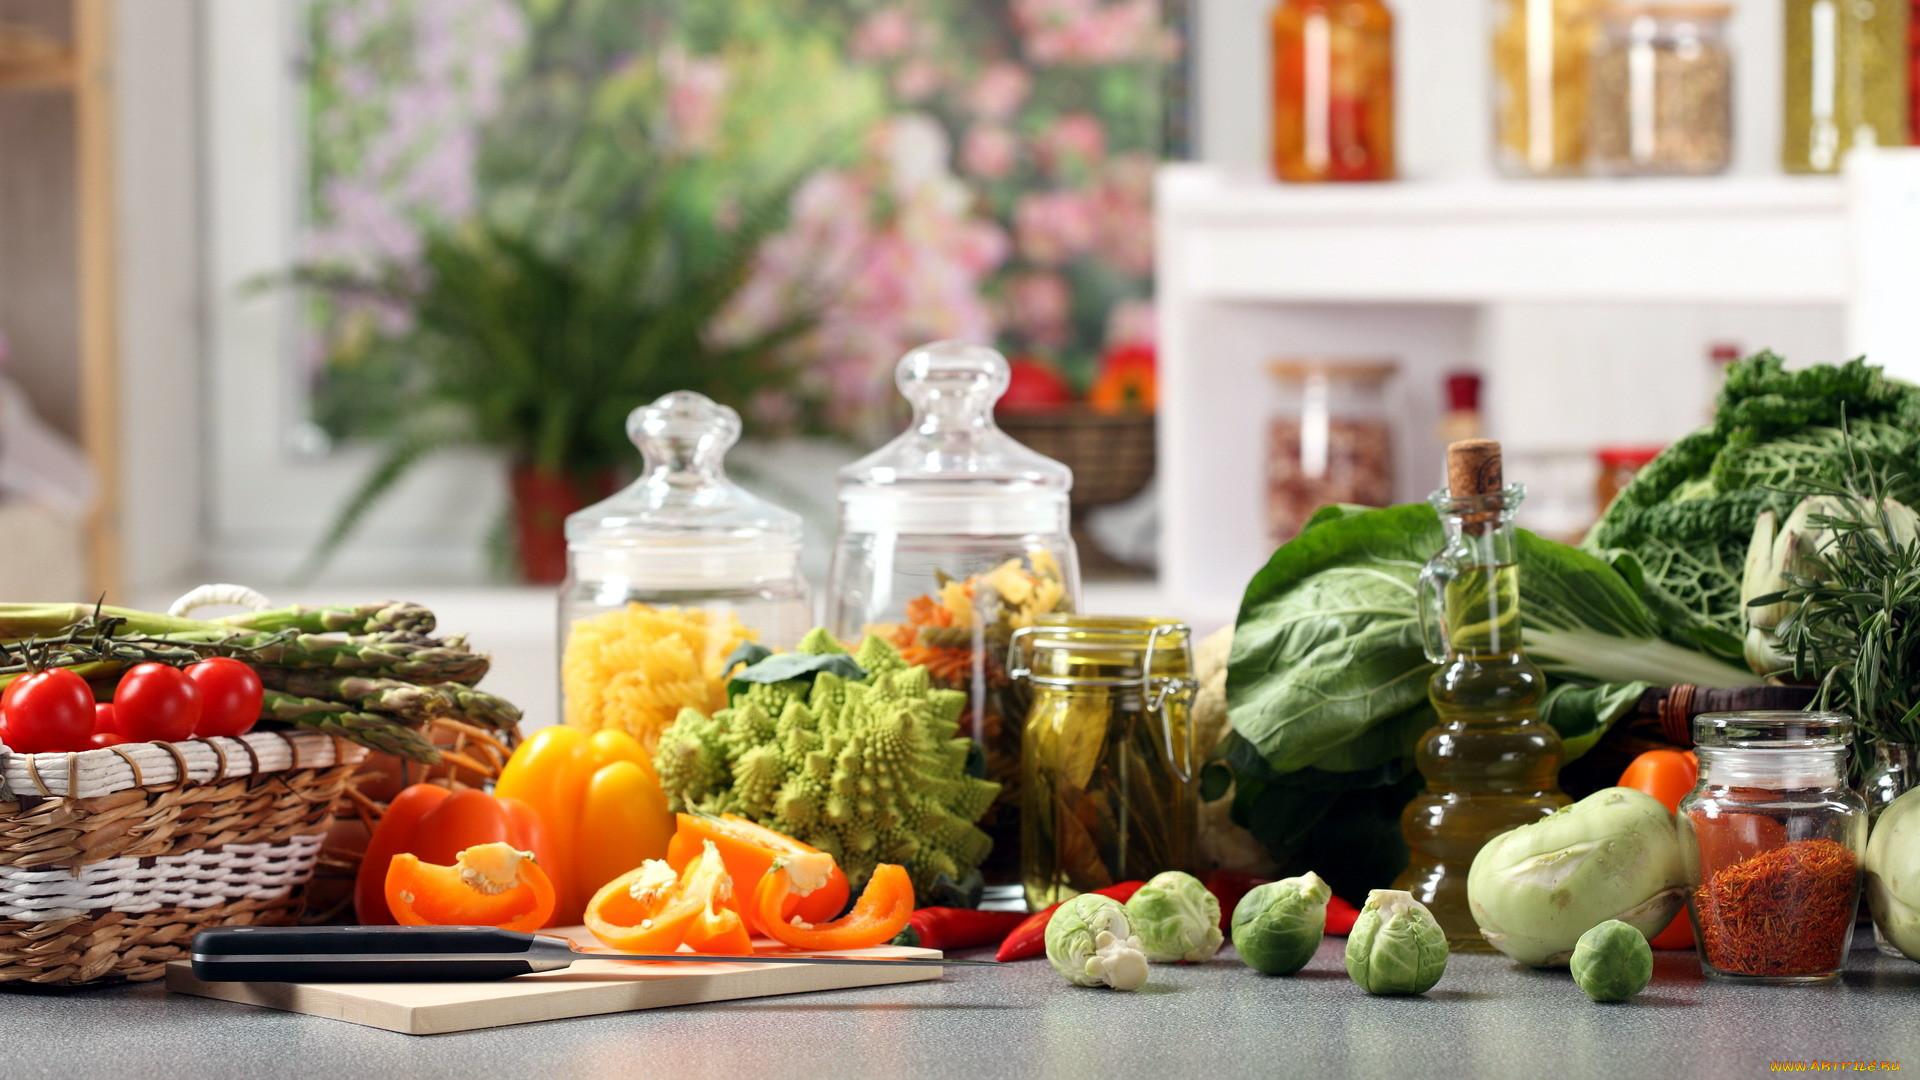 картинки на рабочий стол здоровая еда